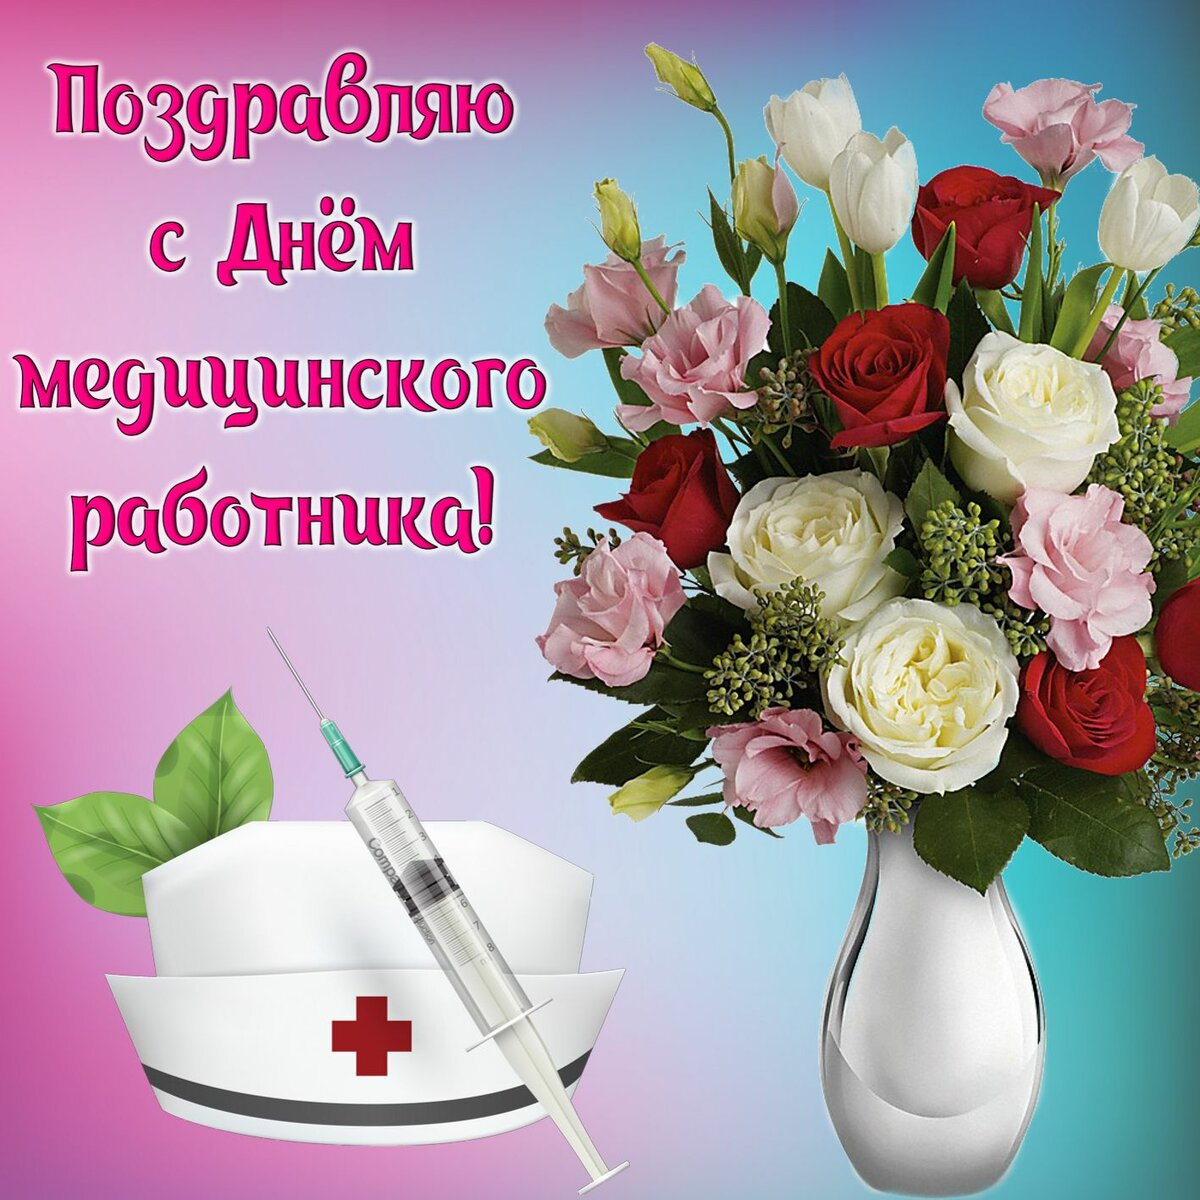 Картинки и поздравления к дню медицинского работника, картинки замуж хочу